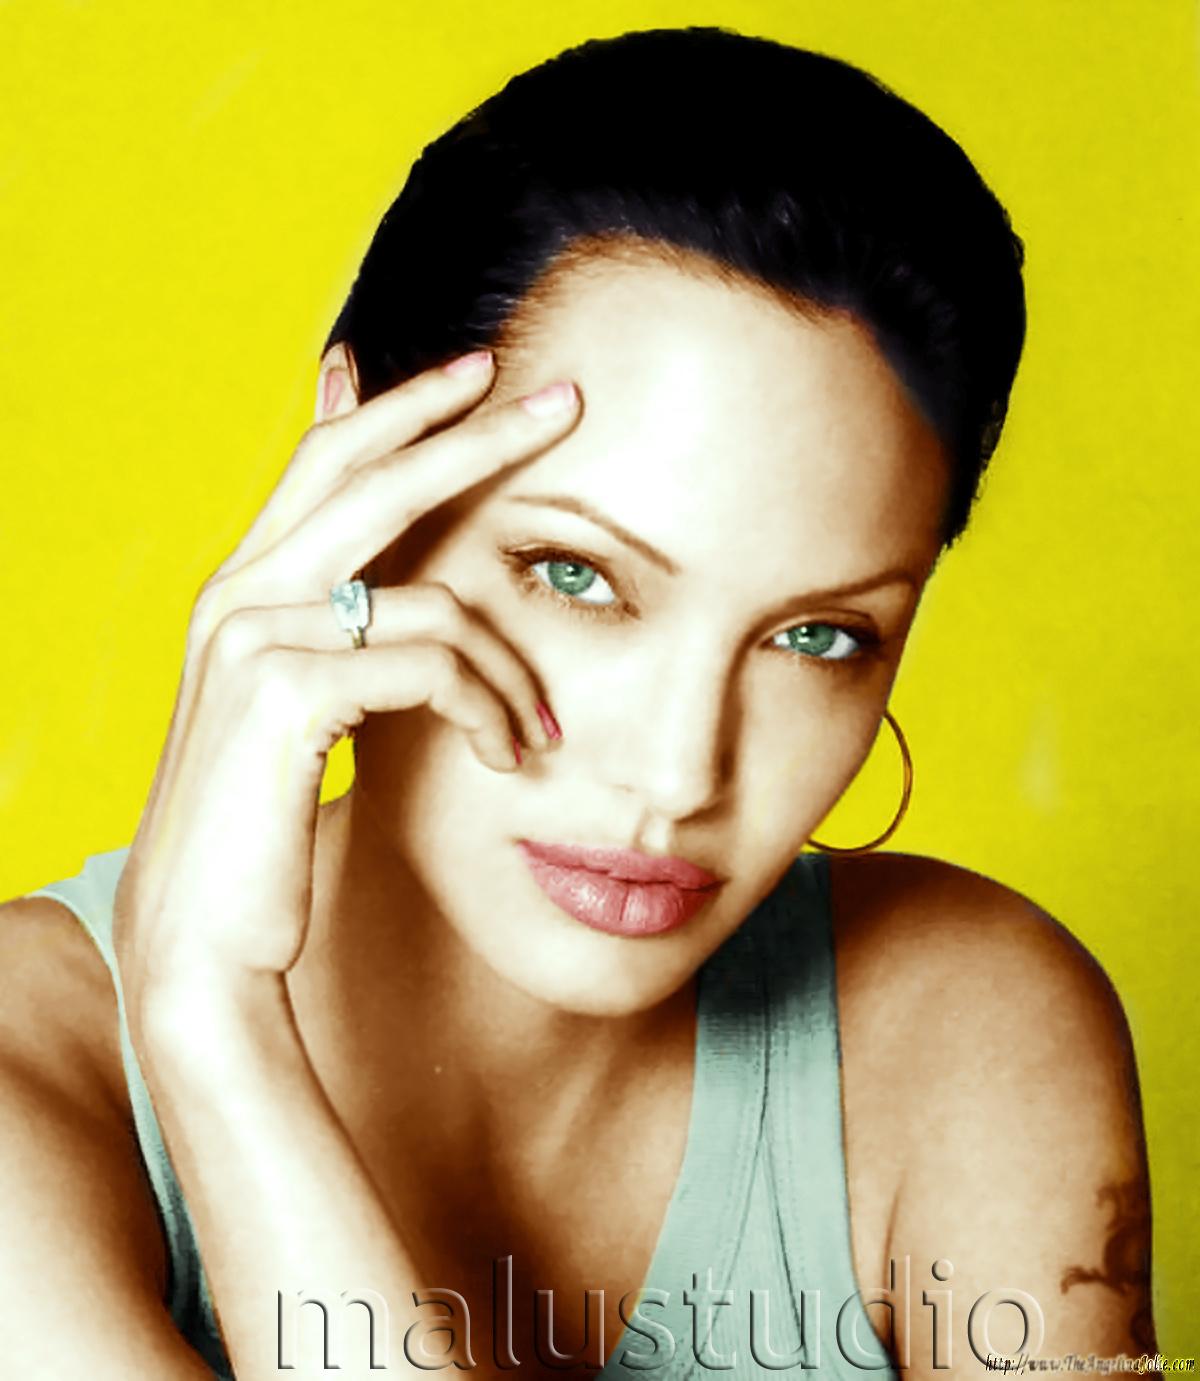 http://4.bp.blogspot.com/_k0qcqtNtpOY/TT3sMsHOBDI/AAAAAAAAYOY/E4pD1cu6zq4/s1600/Angelina_Jolie_Wallpaper__D9ZWIO.jpg